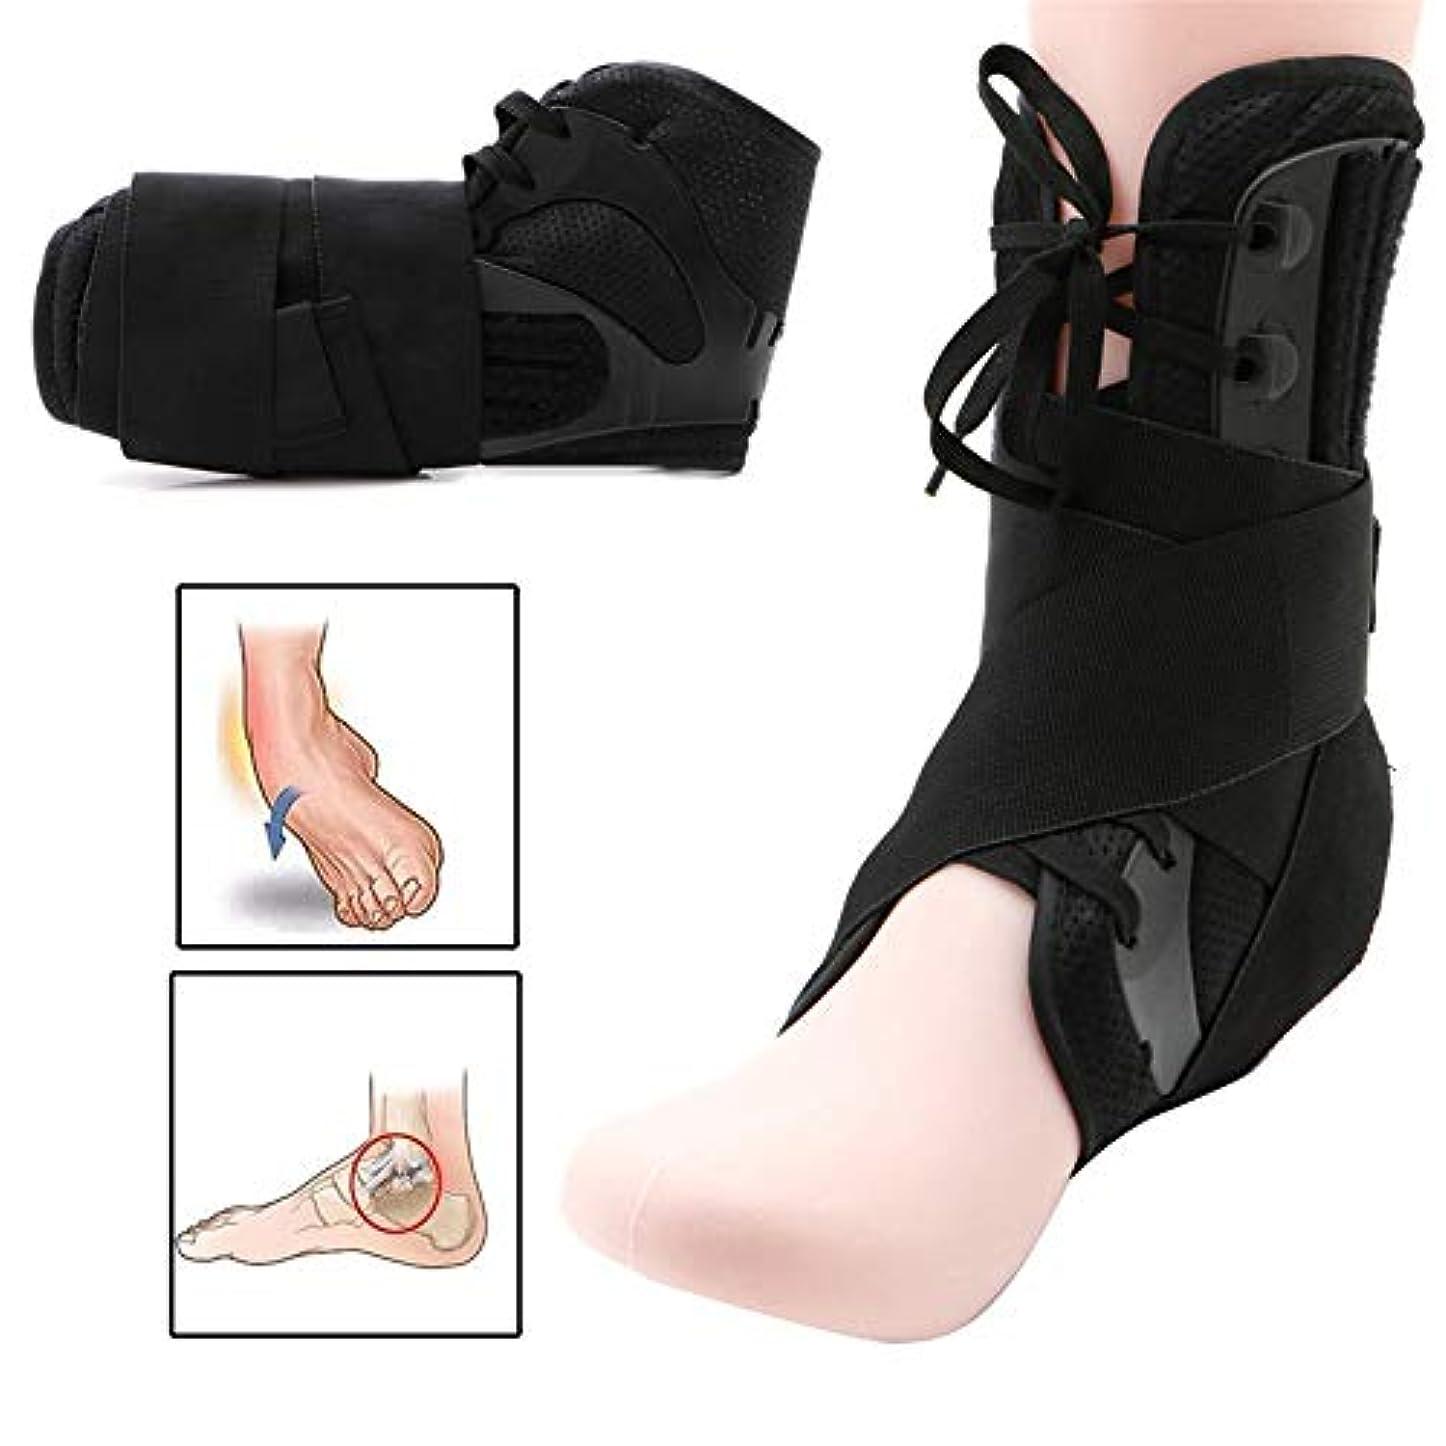 臭いジャンク部族足首装具サポート、スポーツ調整可能な足首ストラップ、スポーツサポート調整可能な足装具安定装置足首プロテクター